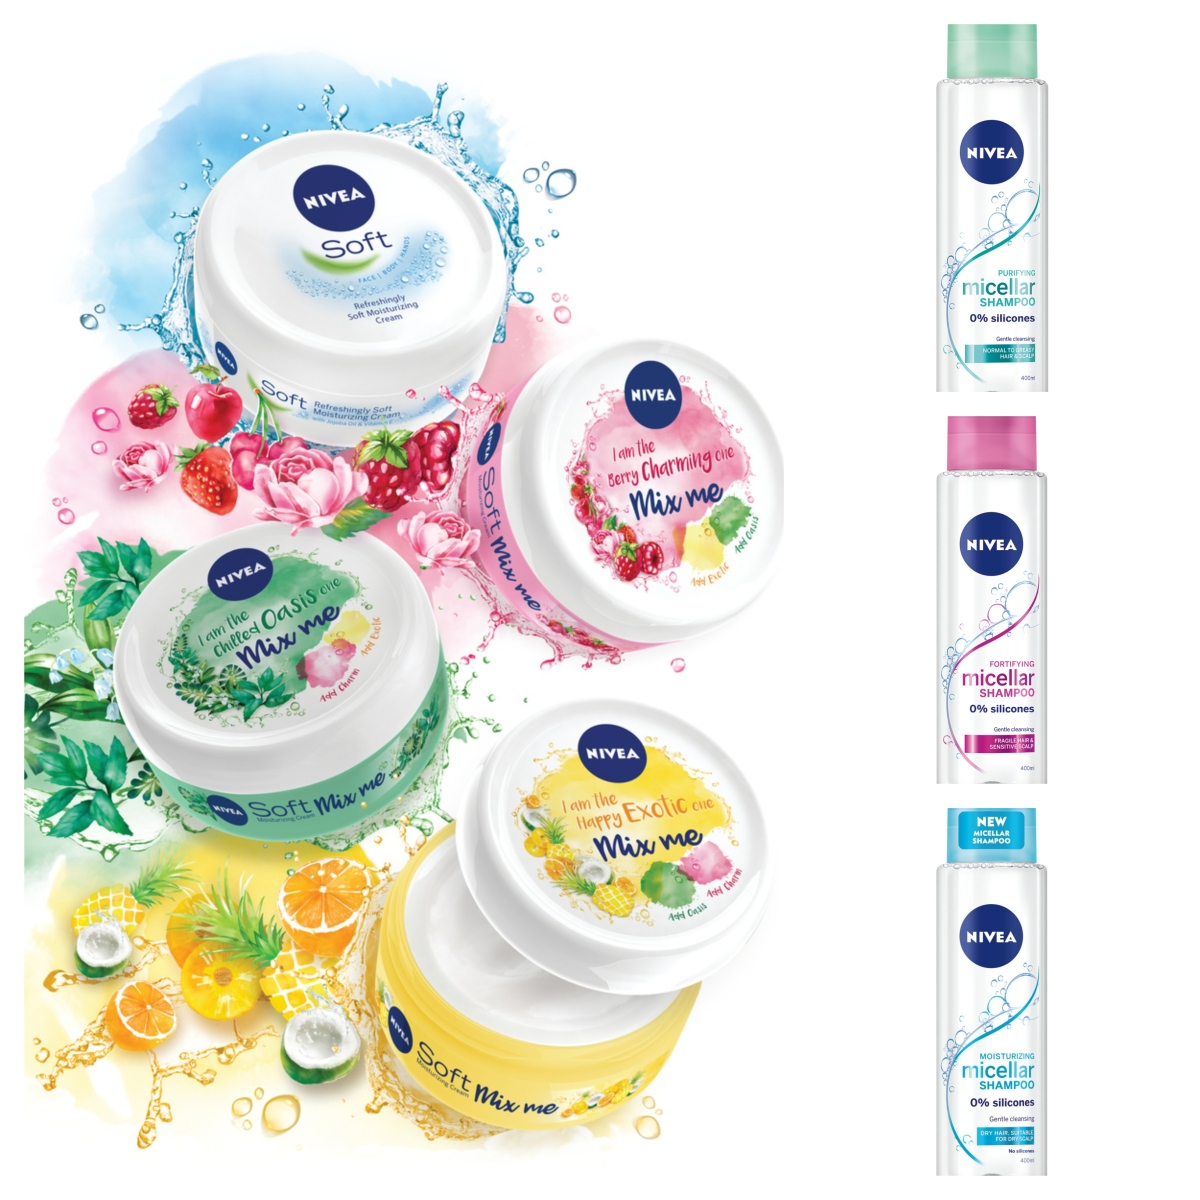 Ново от Nivea: мицеларен шампоан и крем с дъх на лято